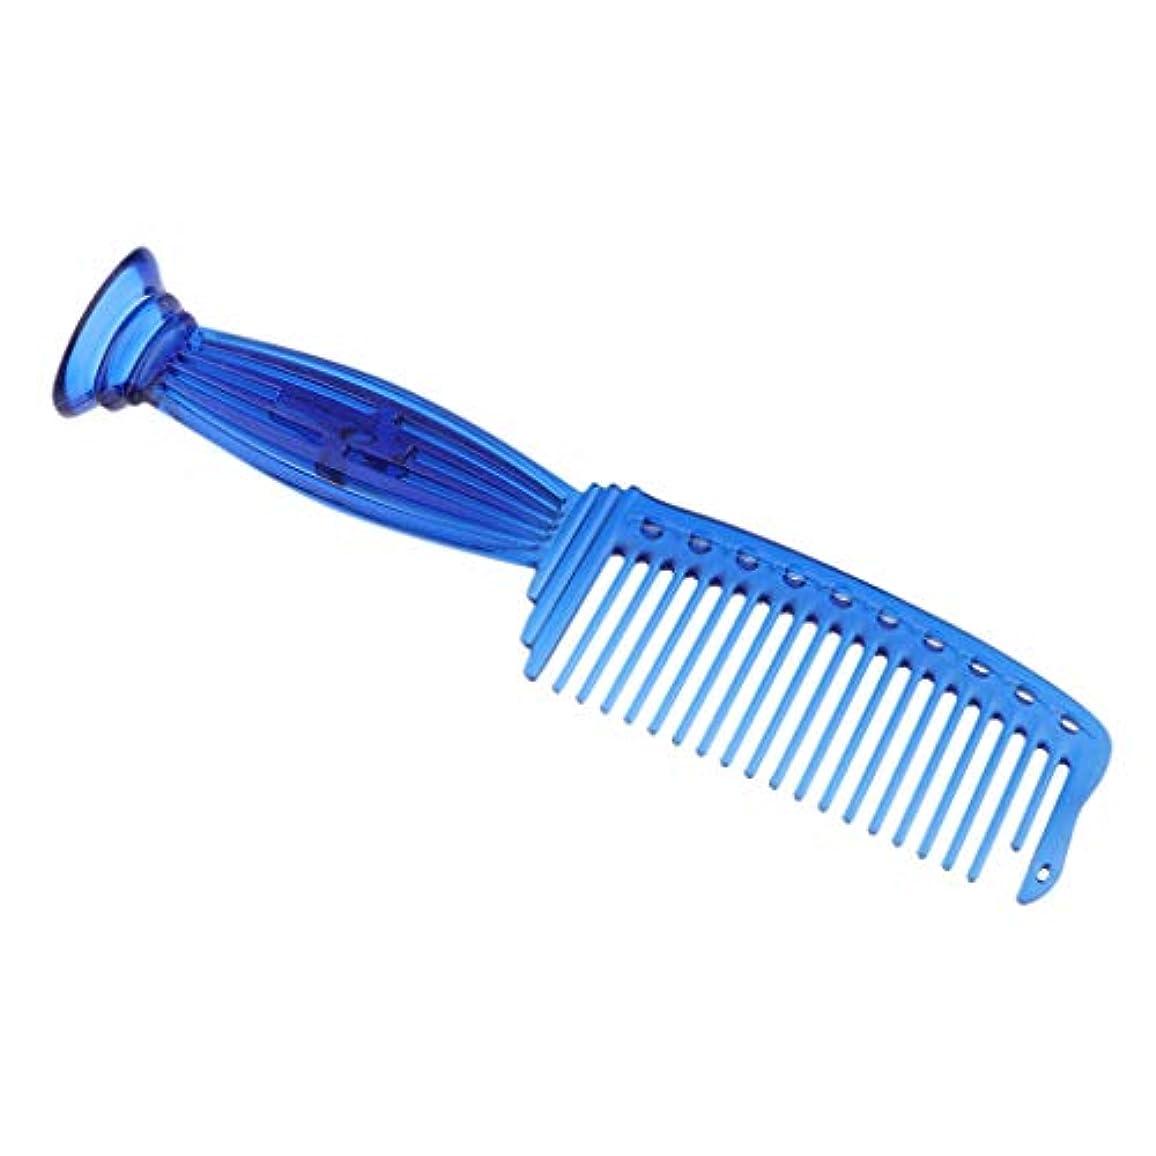 陪審書店側ヘアコーム ヘアブラシ プロ ヘアサロン 理髪師 ワイド歯 プラスチック 5色選べ - 青